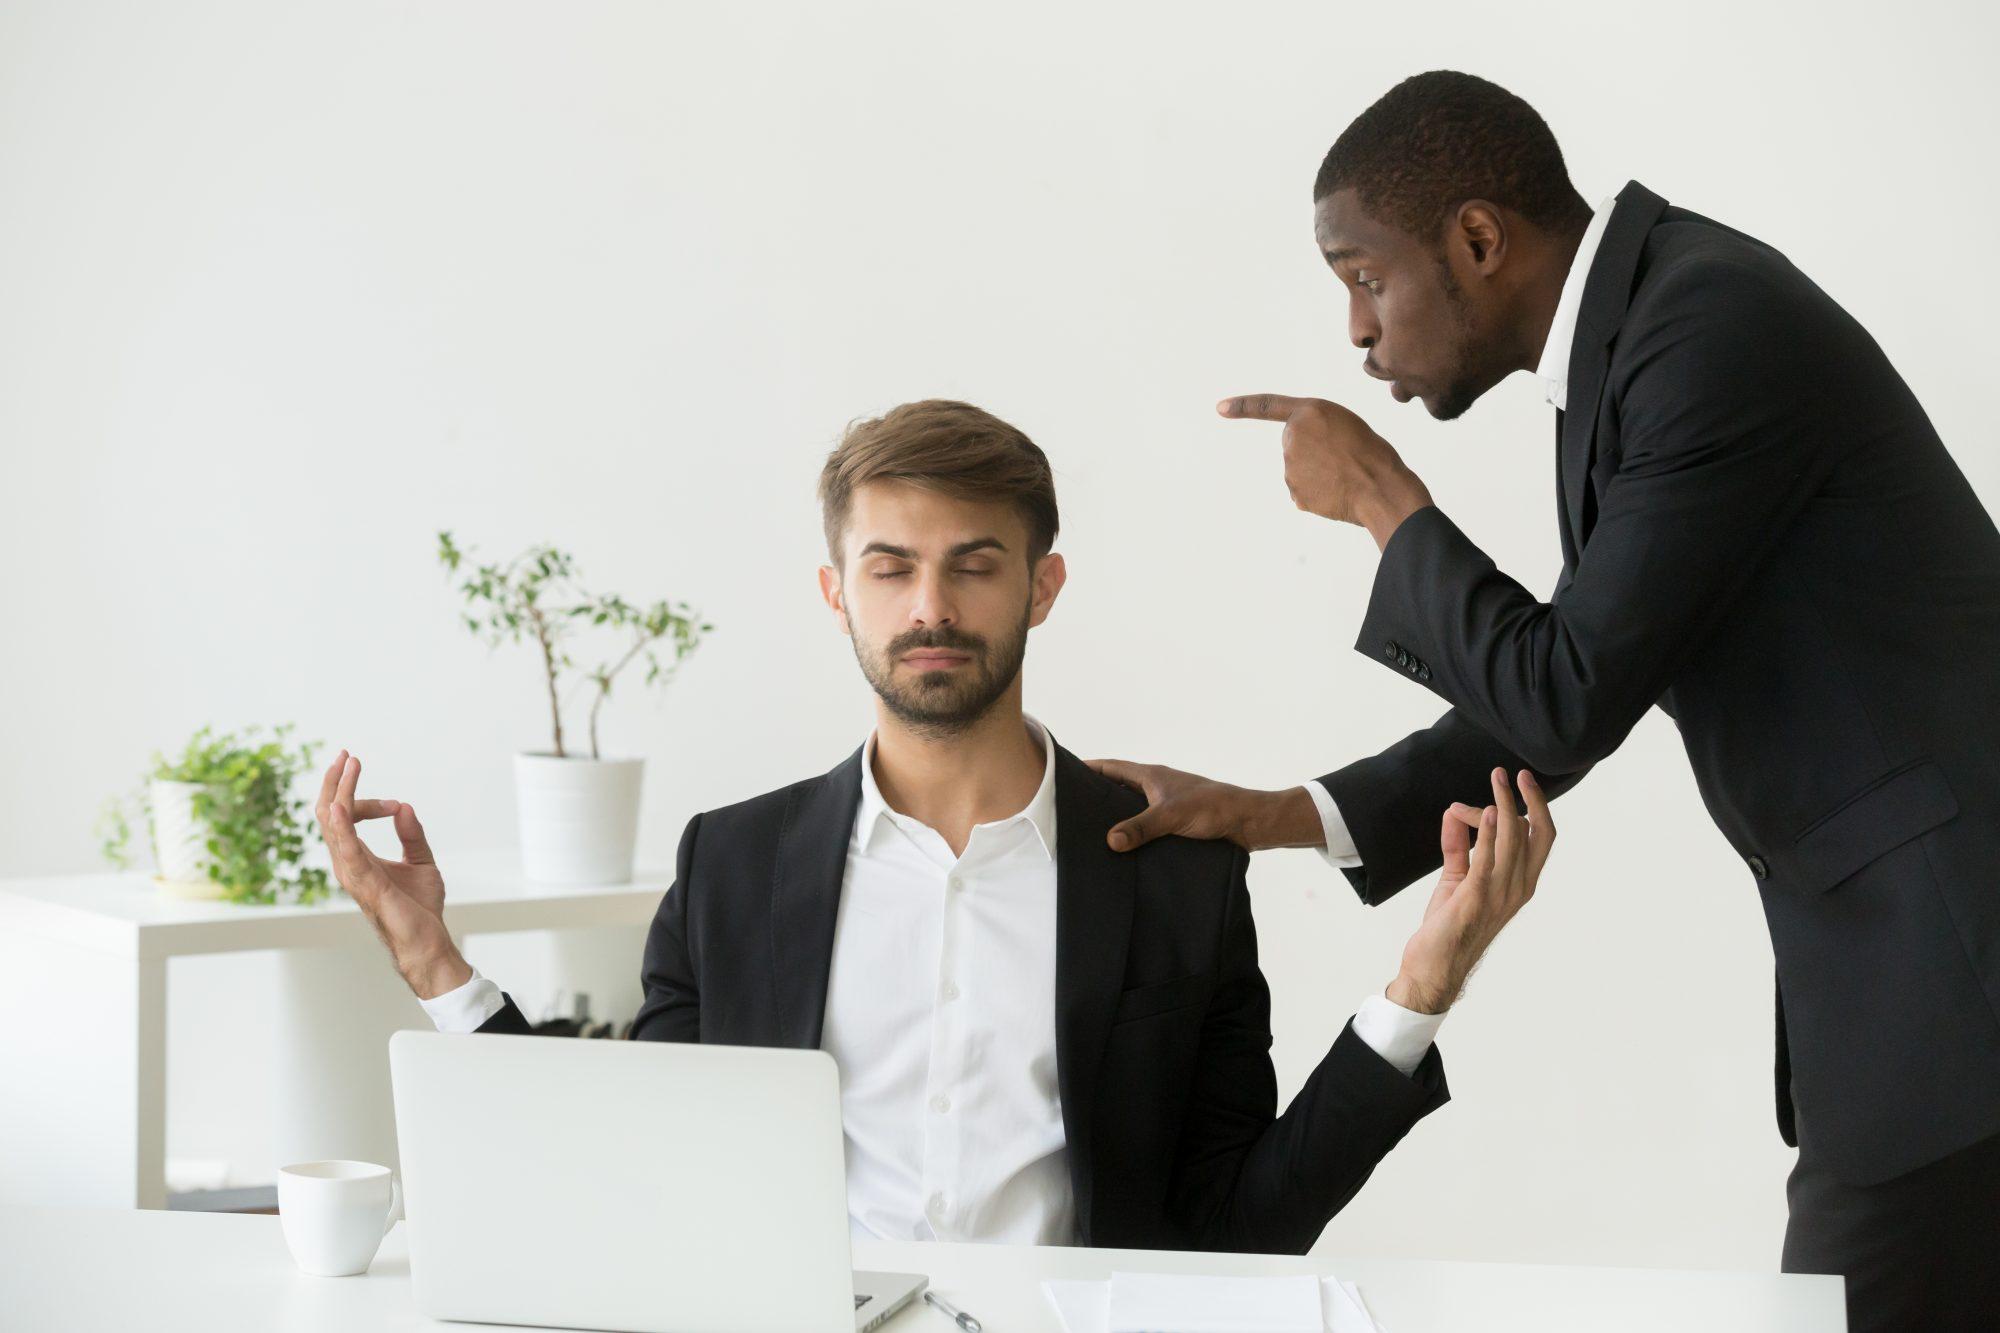 اختلاف بین مدیر و کارمند